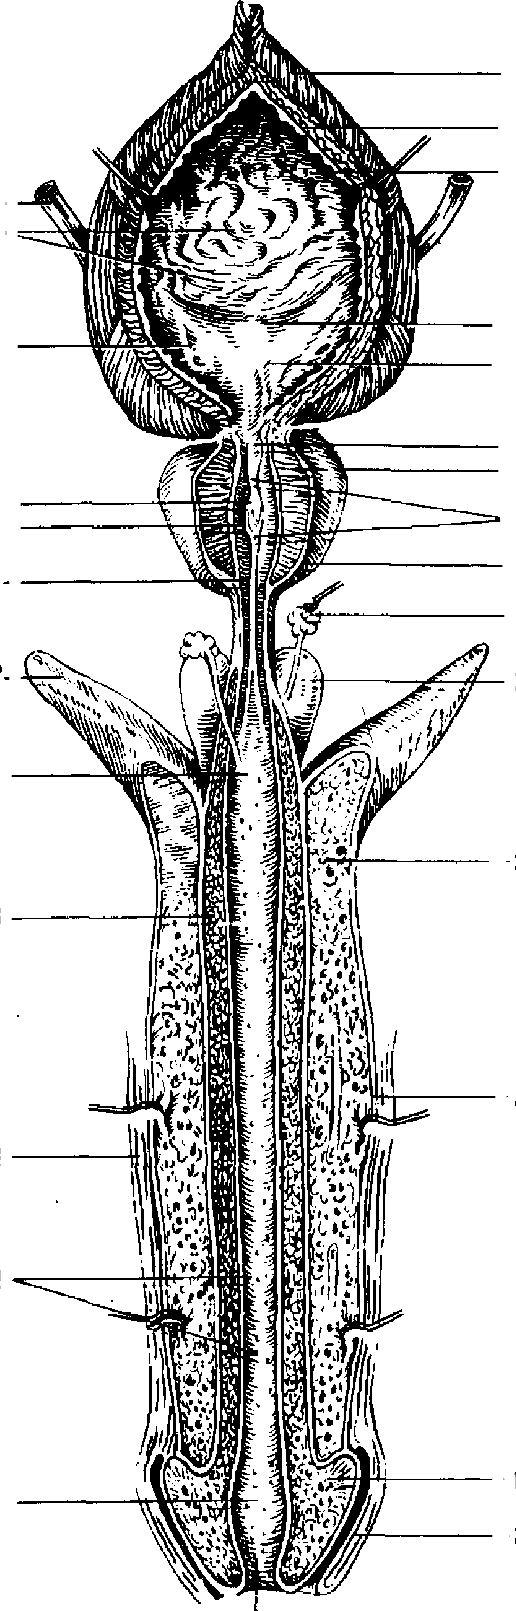 Тело Губчатое